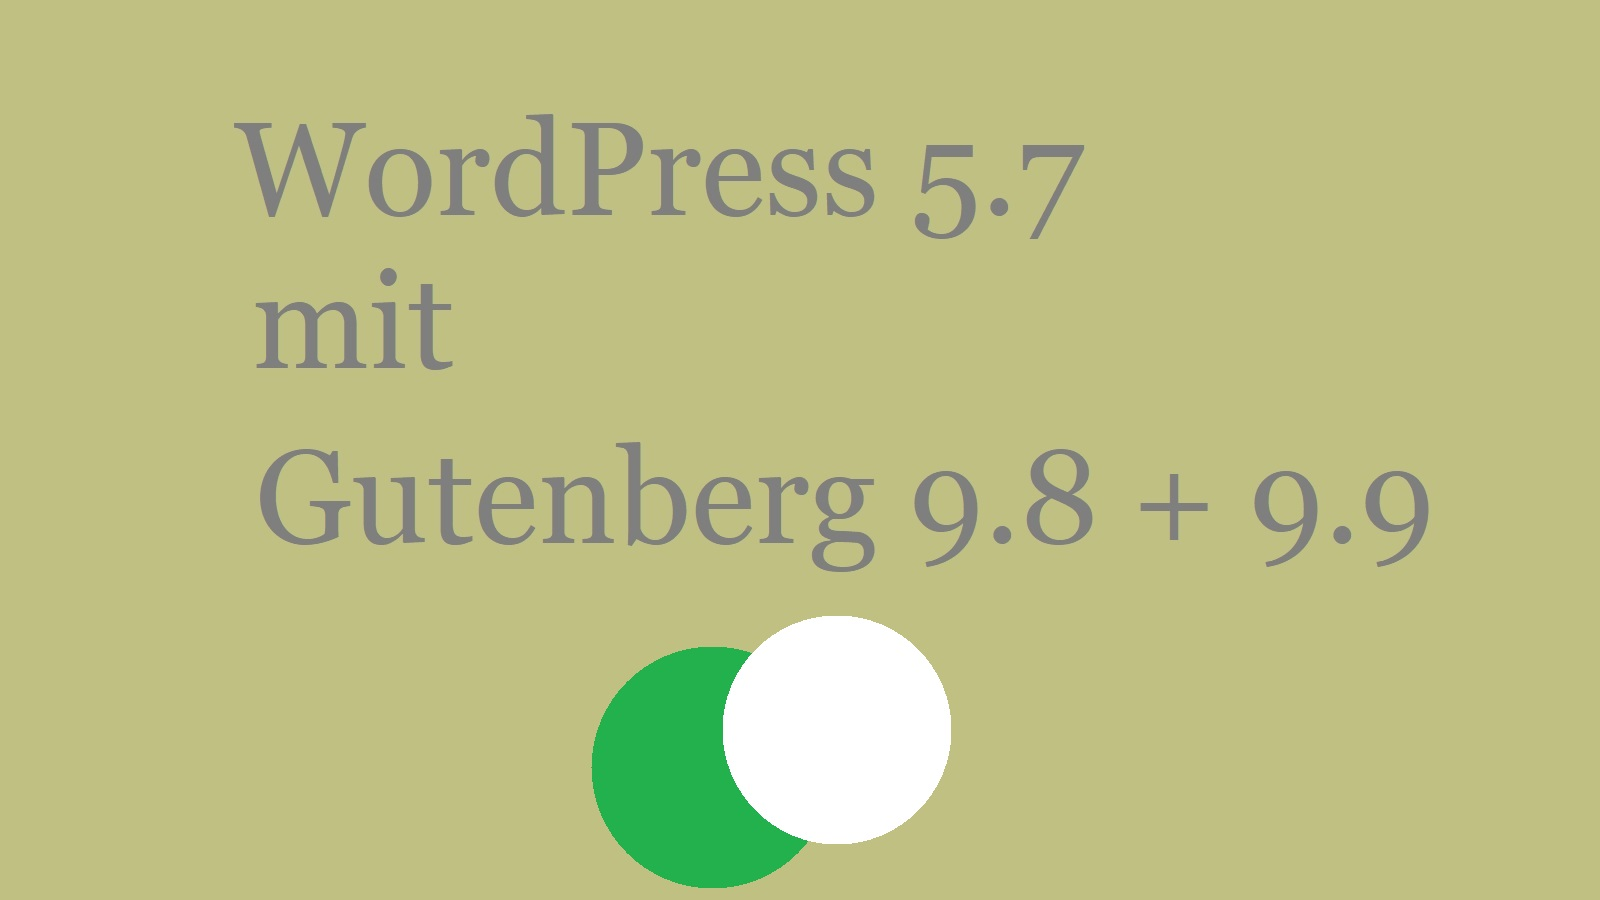 wordpress-5-7-mit-gutenberg-9.8-und-9.9